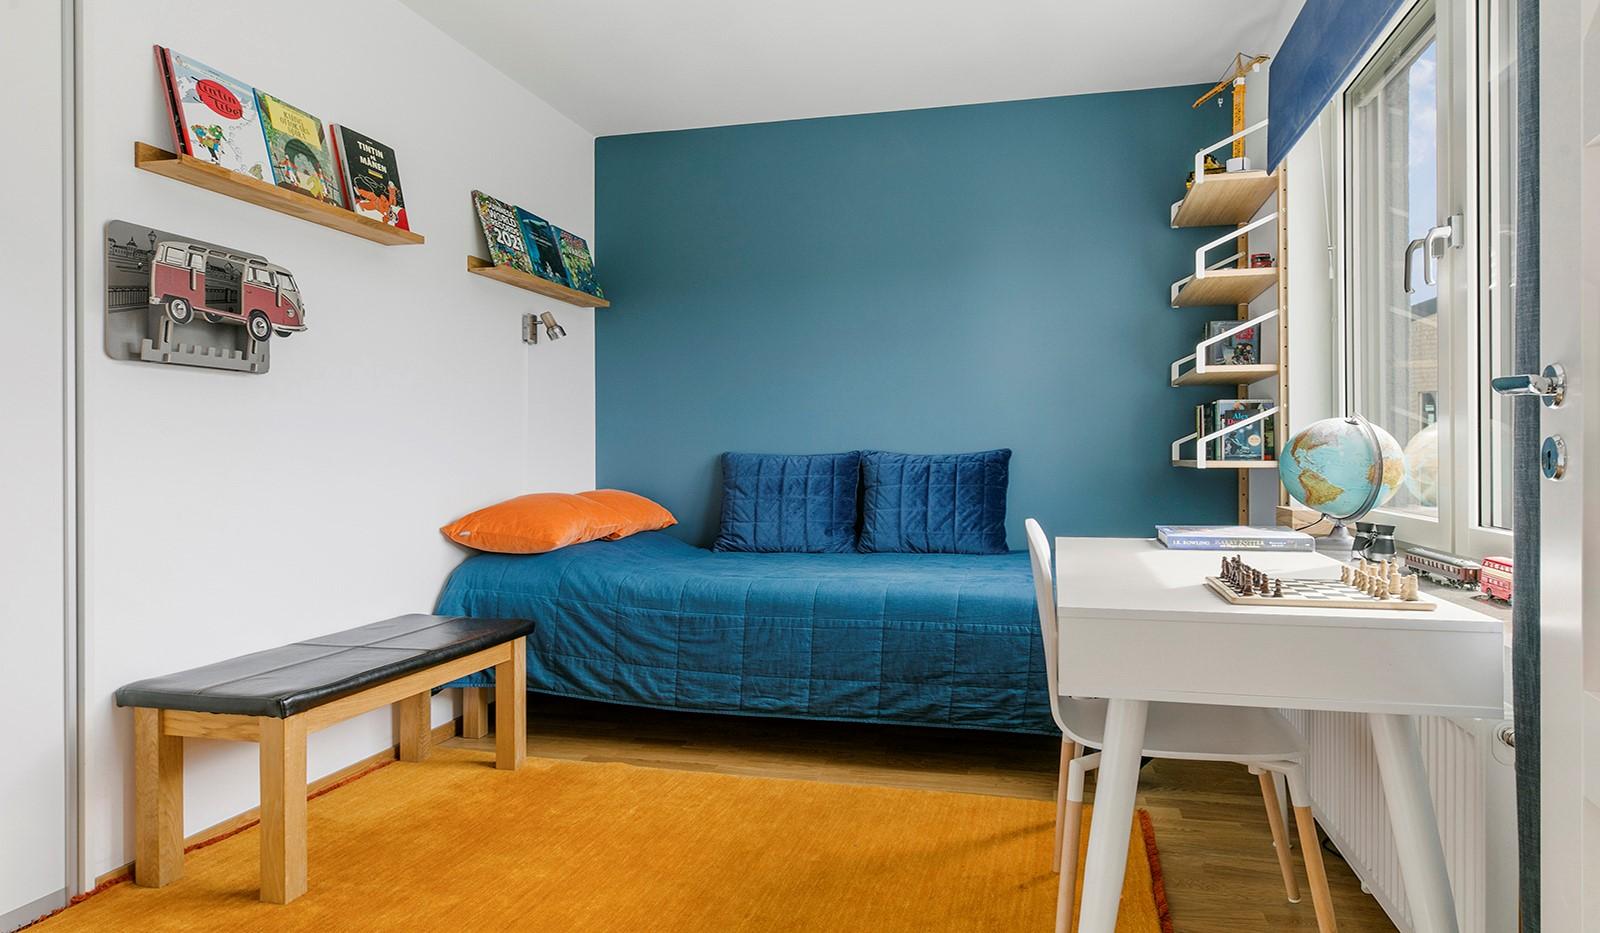 Sjöviksbacken 55, 4 tr - Rymligt sovrum med förvaring i skjutdörrsgarderob